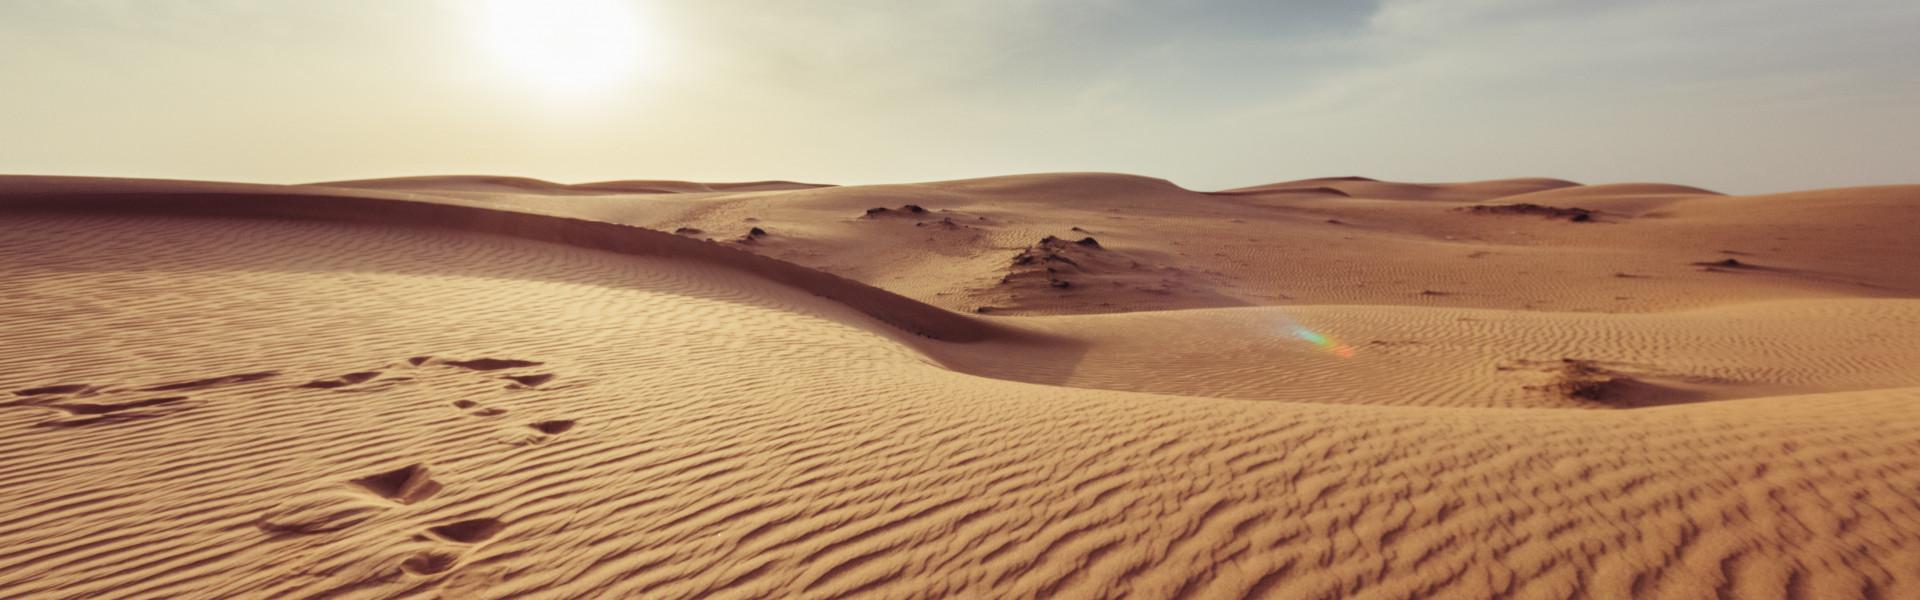 Destination image of Moyen orient